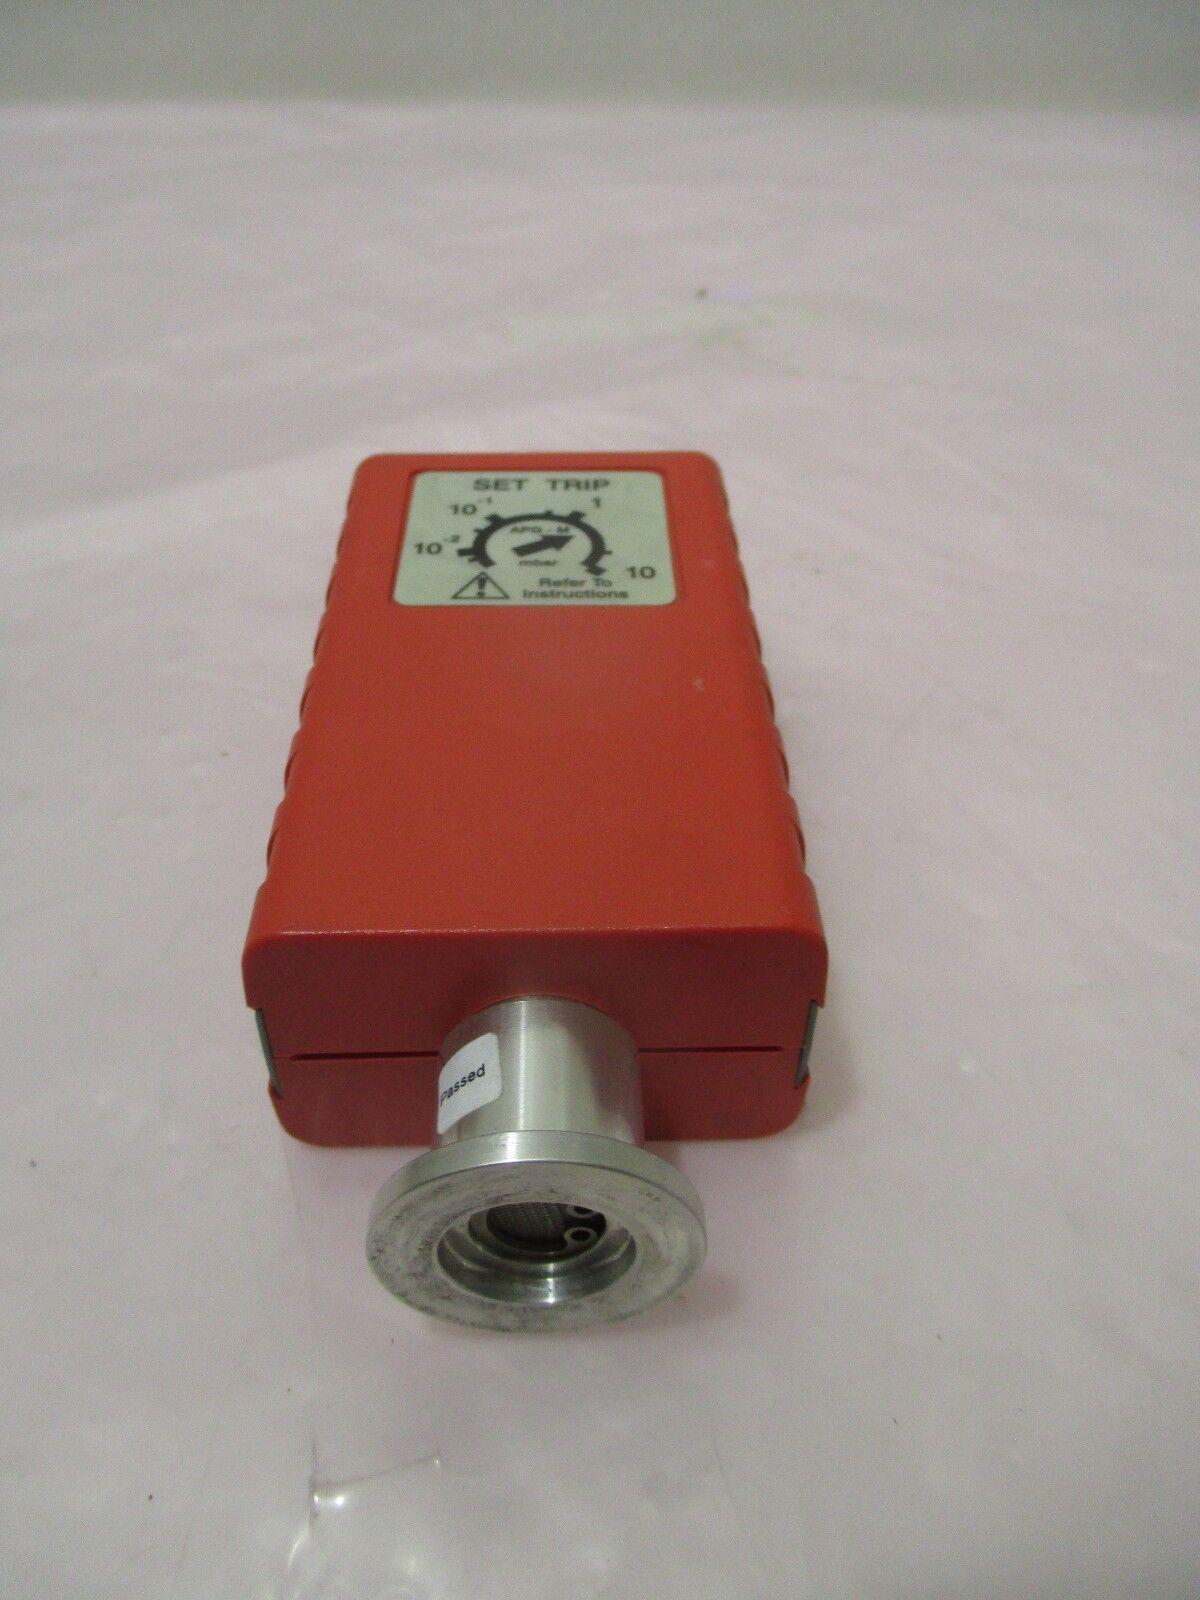 BOC Edwards APG-M-NW16 Active Pirani Gauge, 421205